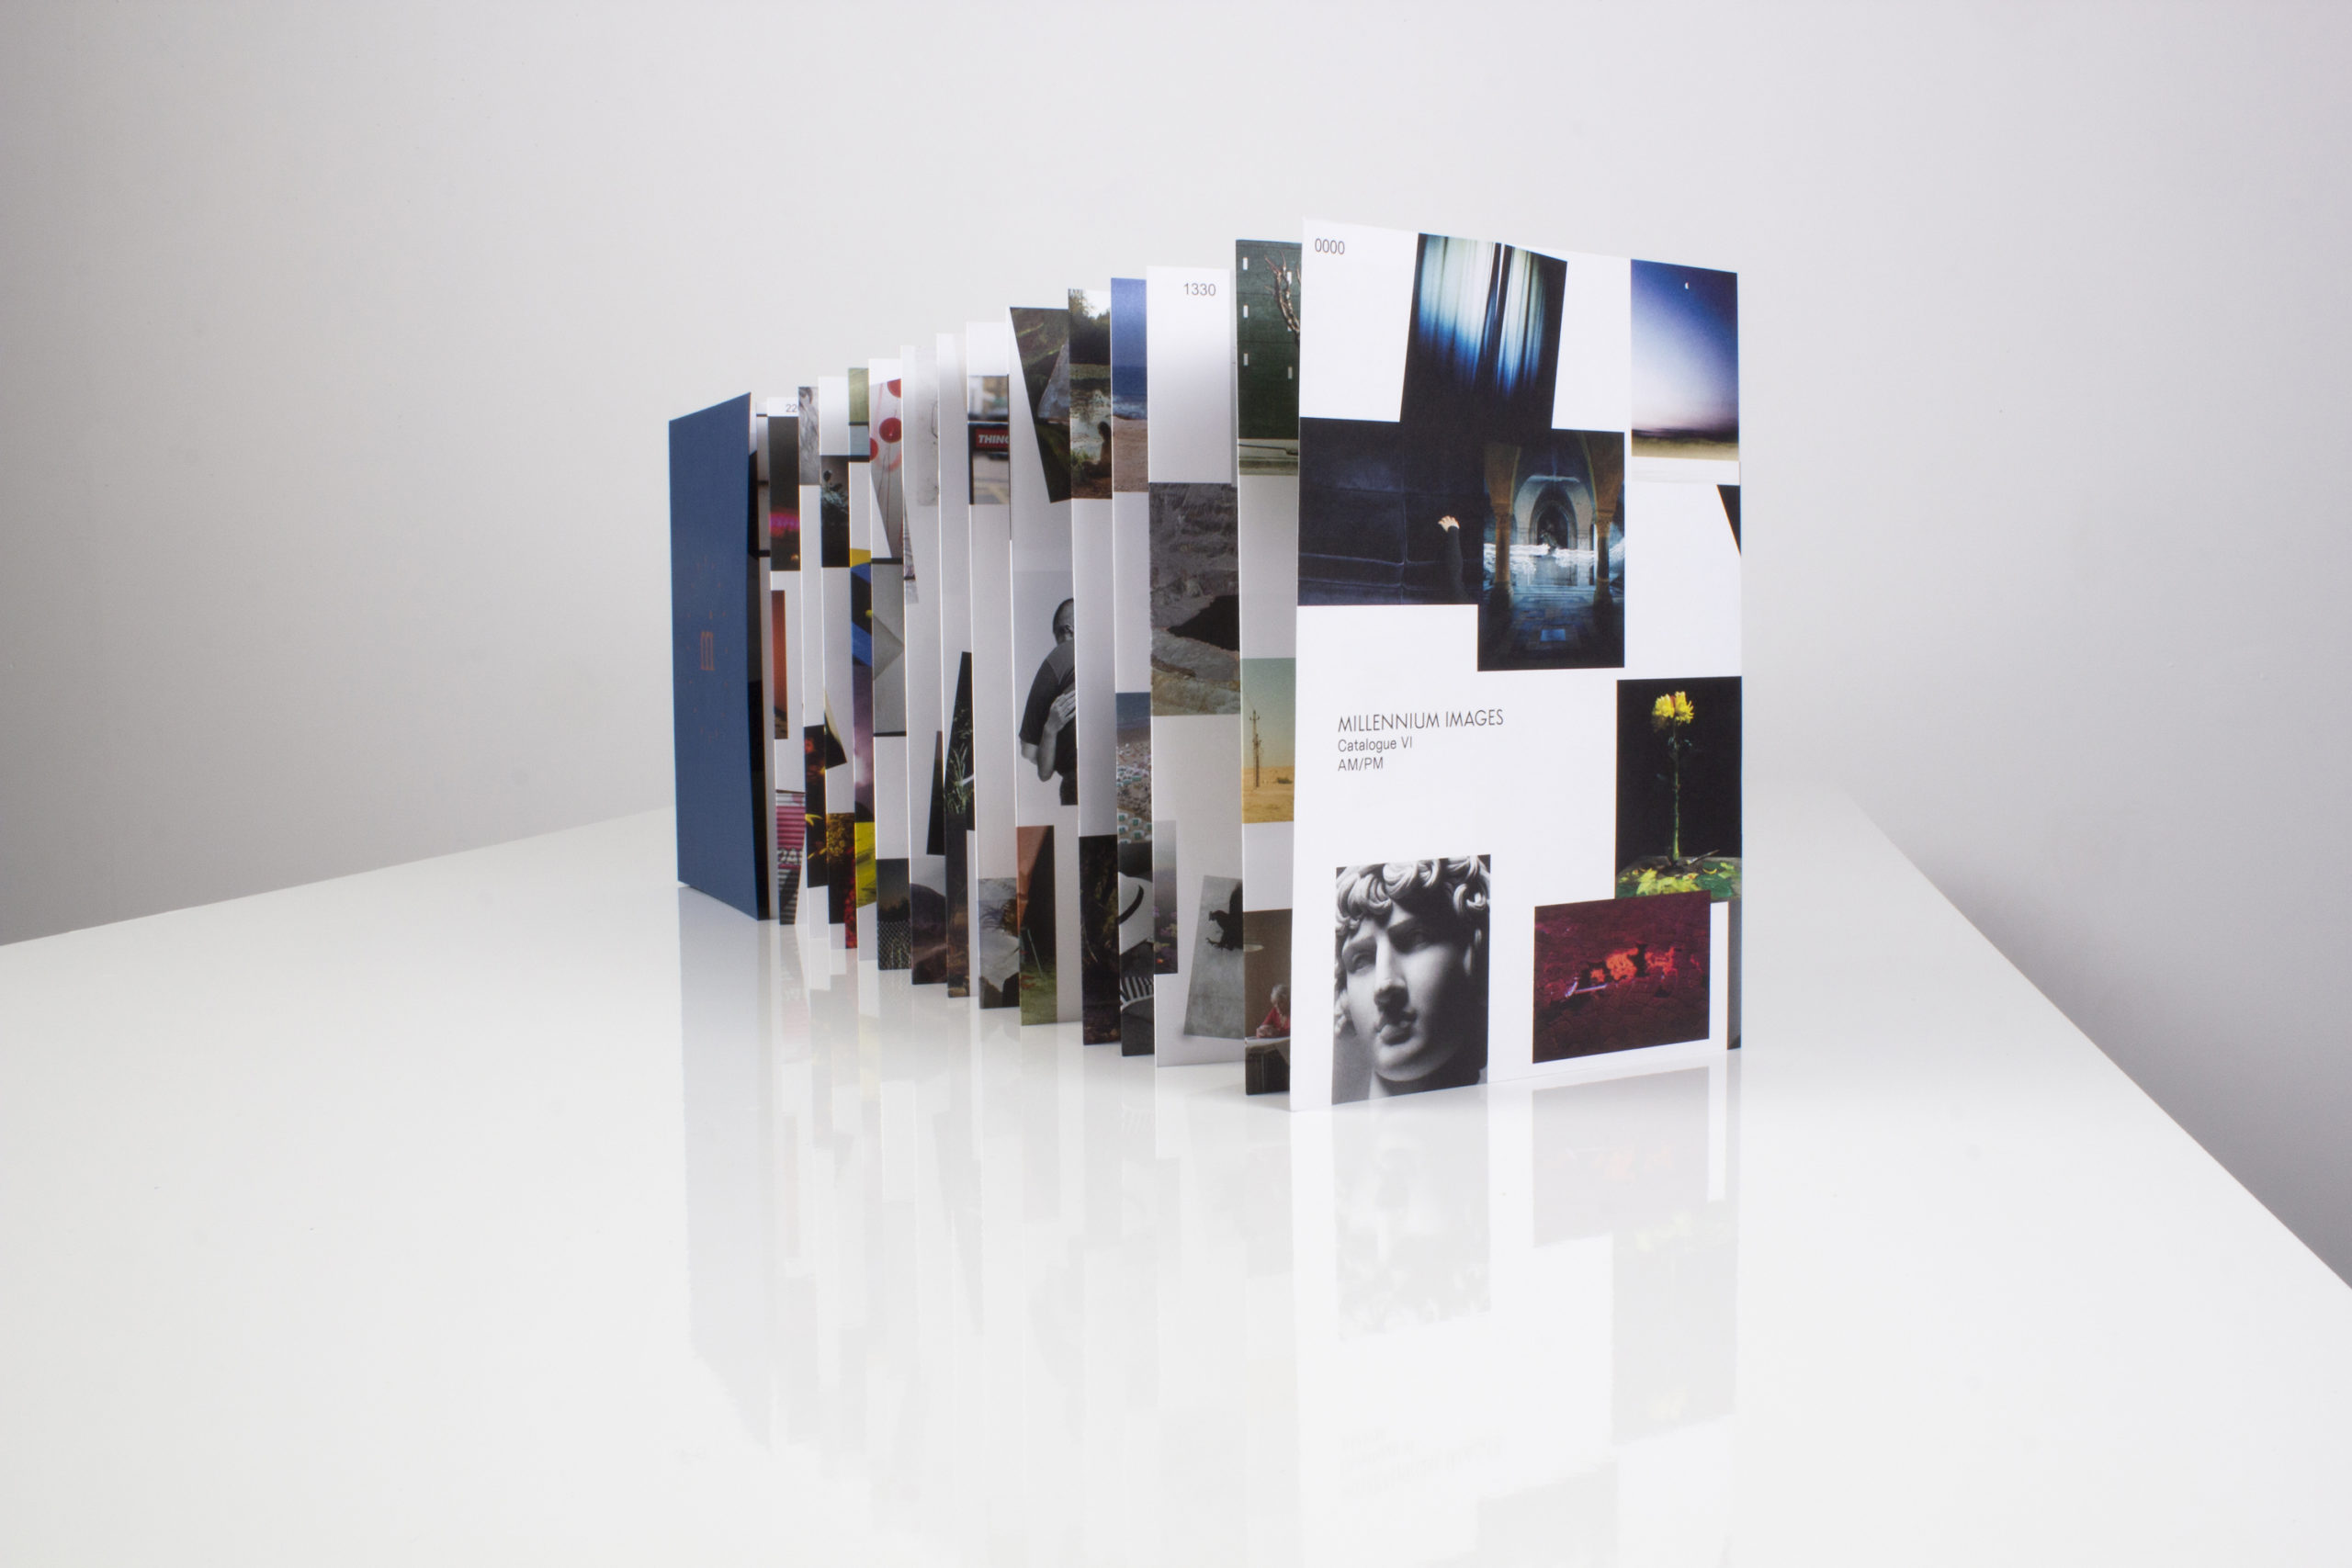 millennium images catalogue launch bapla